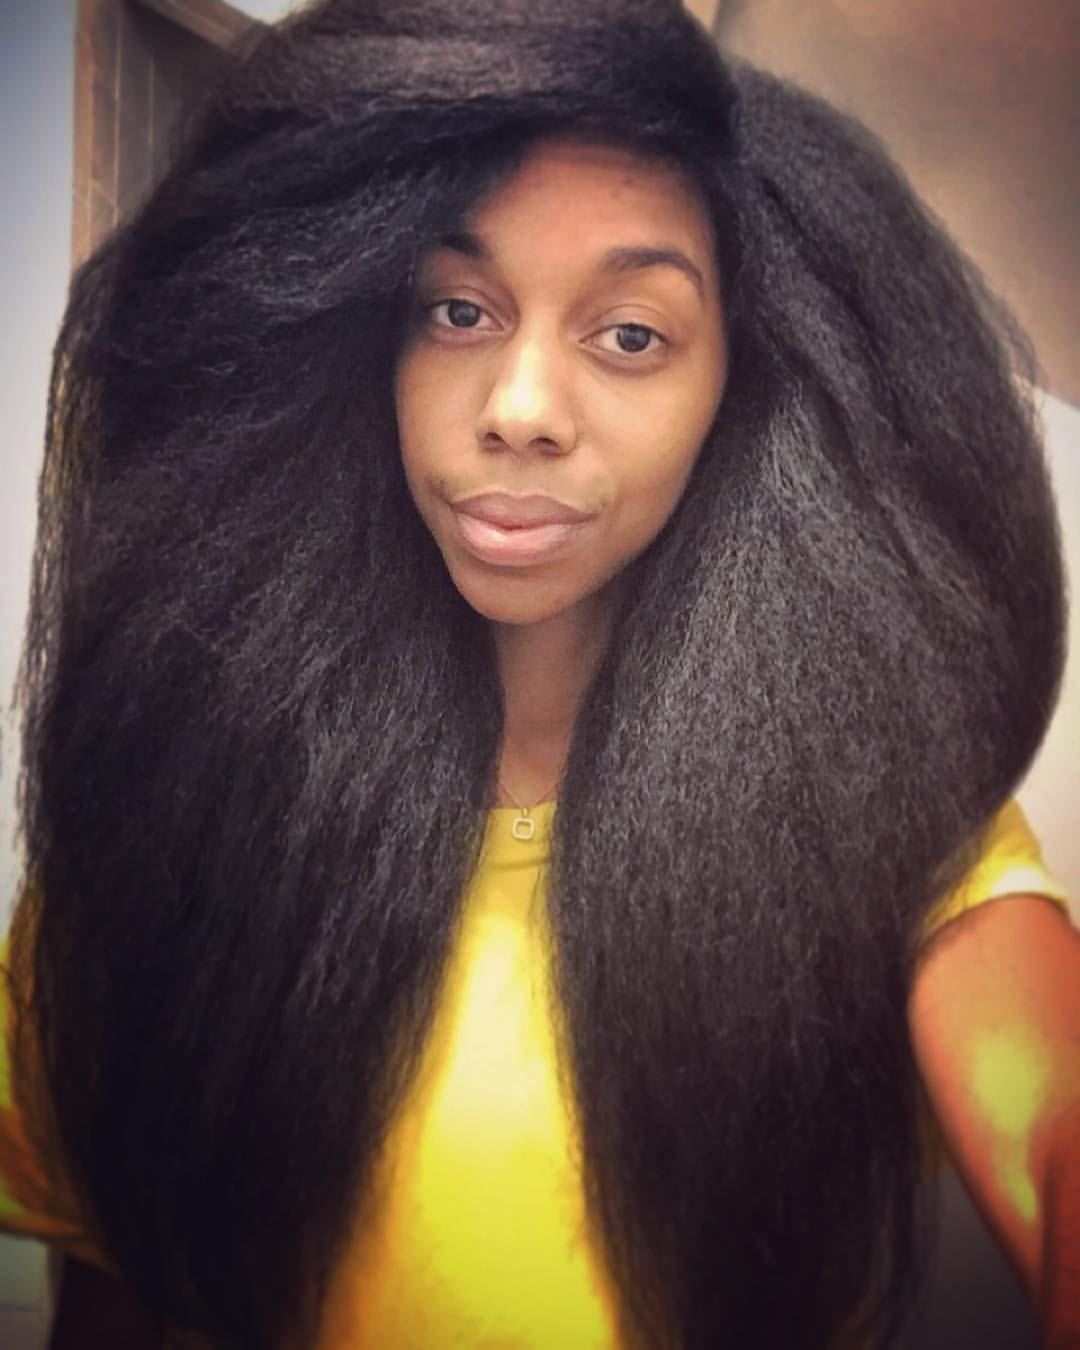 Coresa Nancy Hogan  Her God Given Hair Long natural hair Long Afro hair  N A T U R A L  O